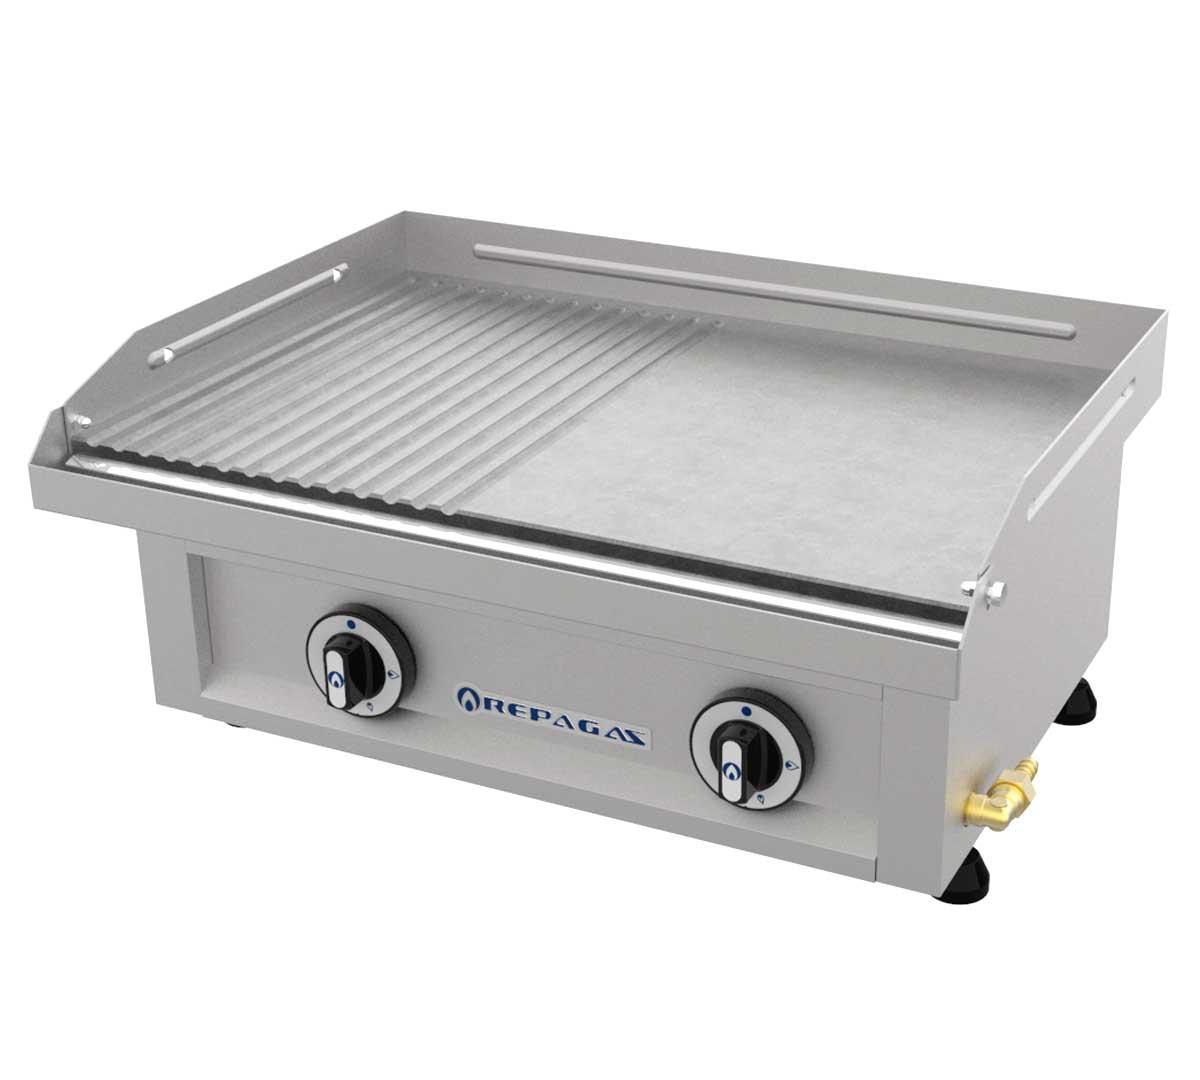 Plancha repagas serie 440 pg mixta - Plancha para cocina de gas ...